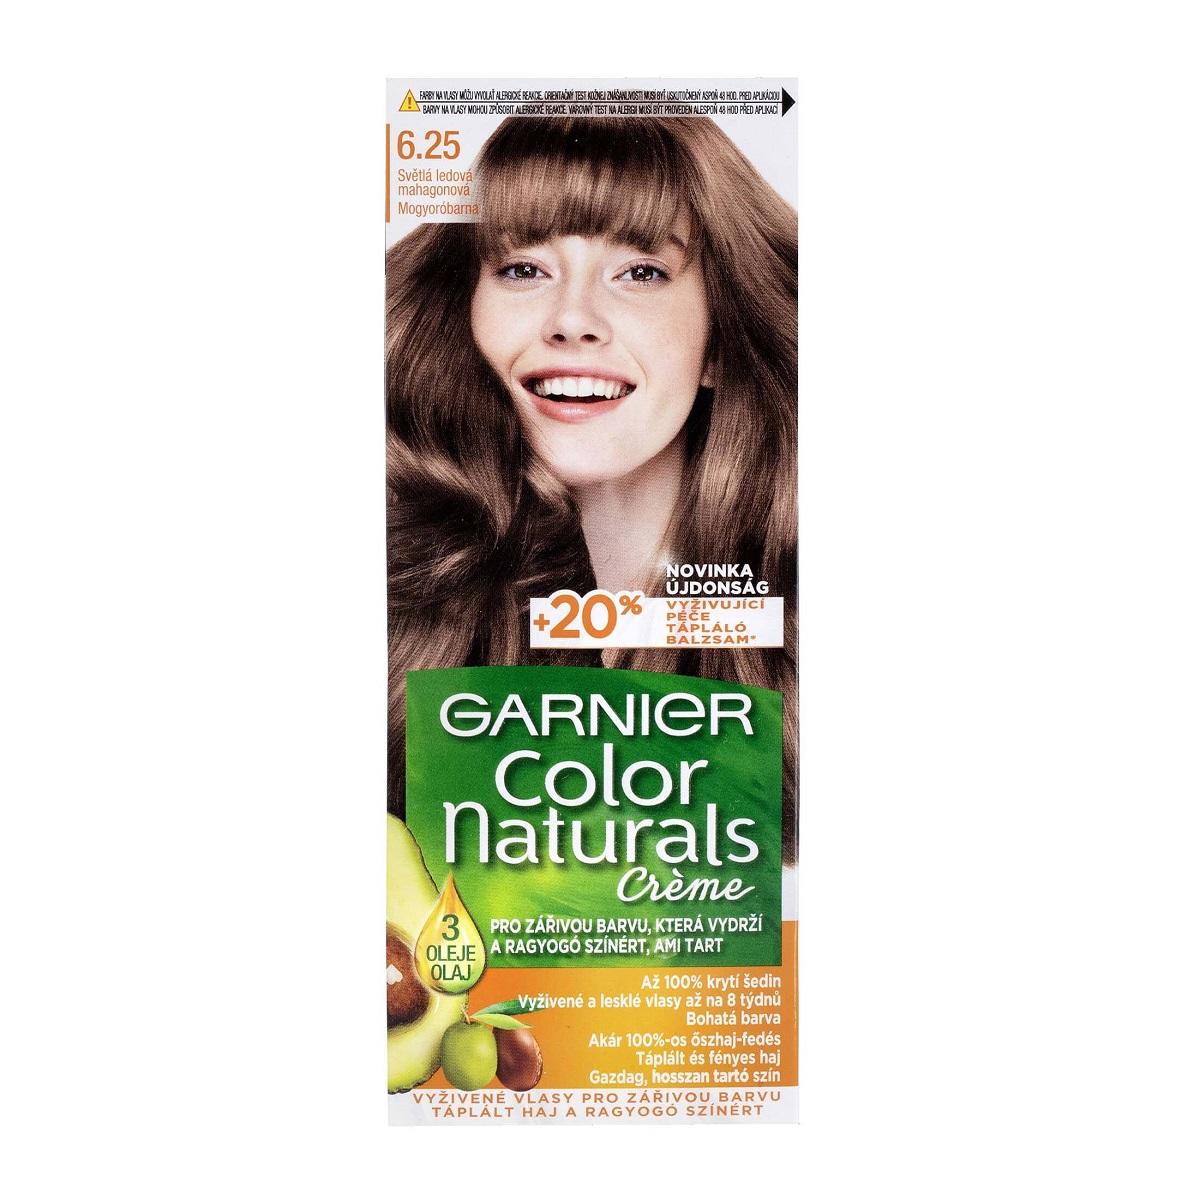 کیت رنگ مو گارنیر سری Color Naturals شماره 6.25